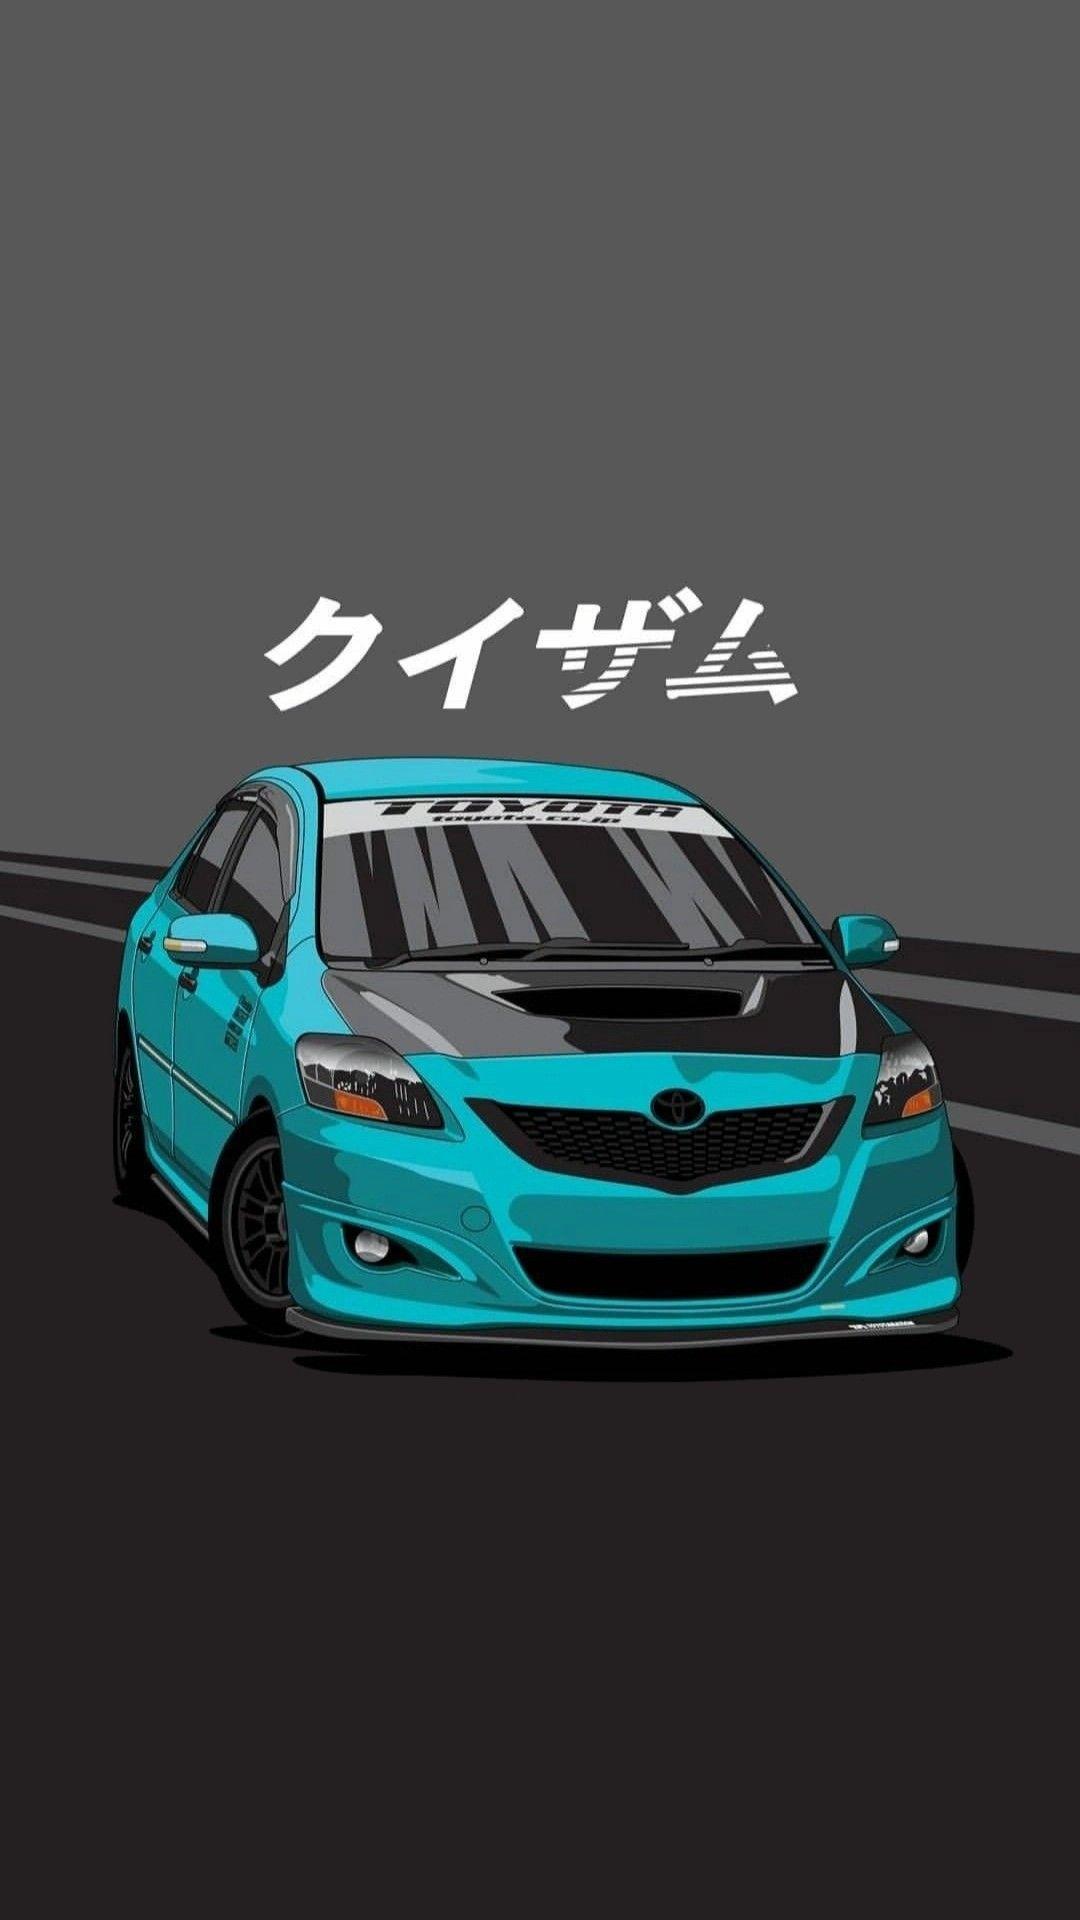 Pin Oleh Yunus X Tremer Di Jdm Car Mobil Keren Mobil Modifikasi Mobil